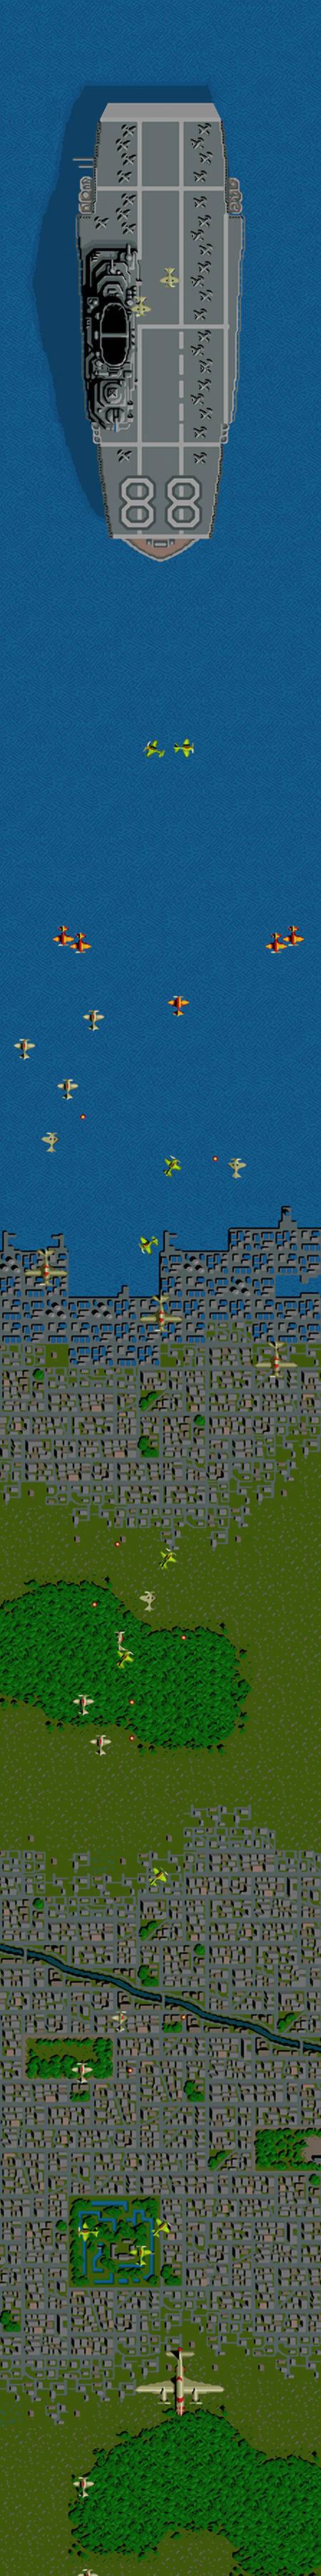 Ein halbes Level aus dem Capcom-Spiel 1942 aus dem Jahr 1984